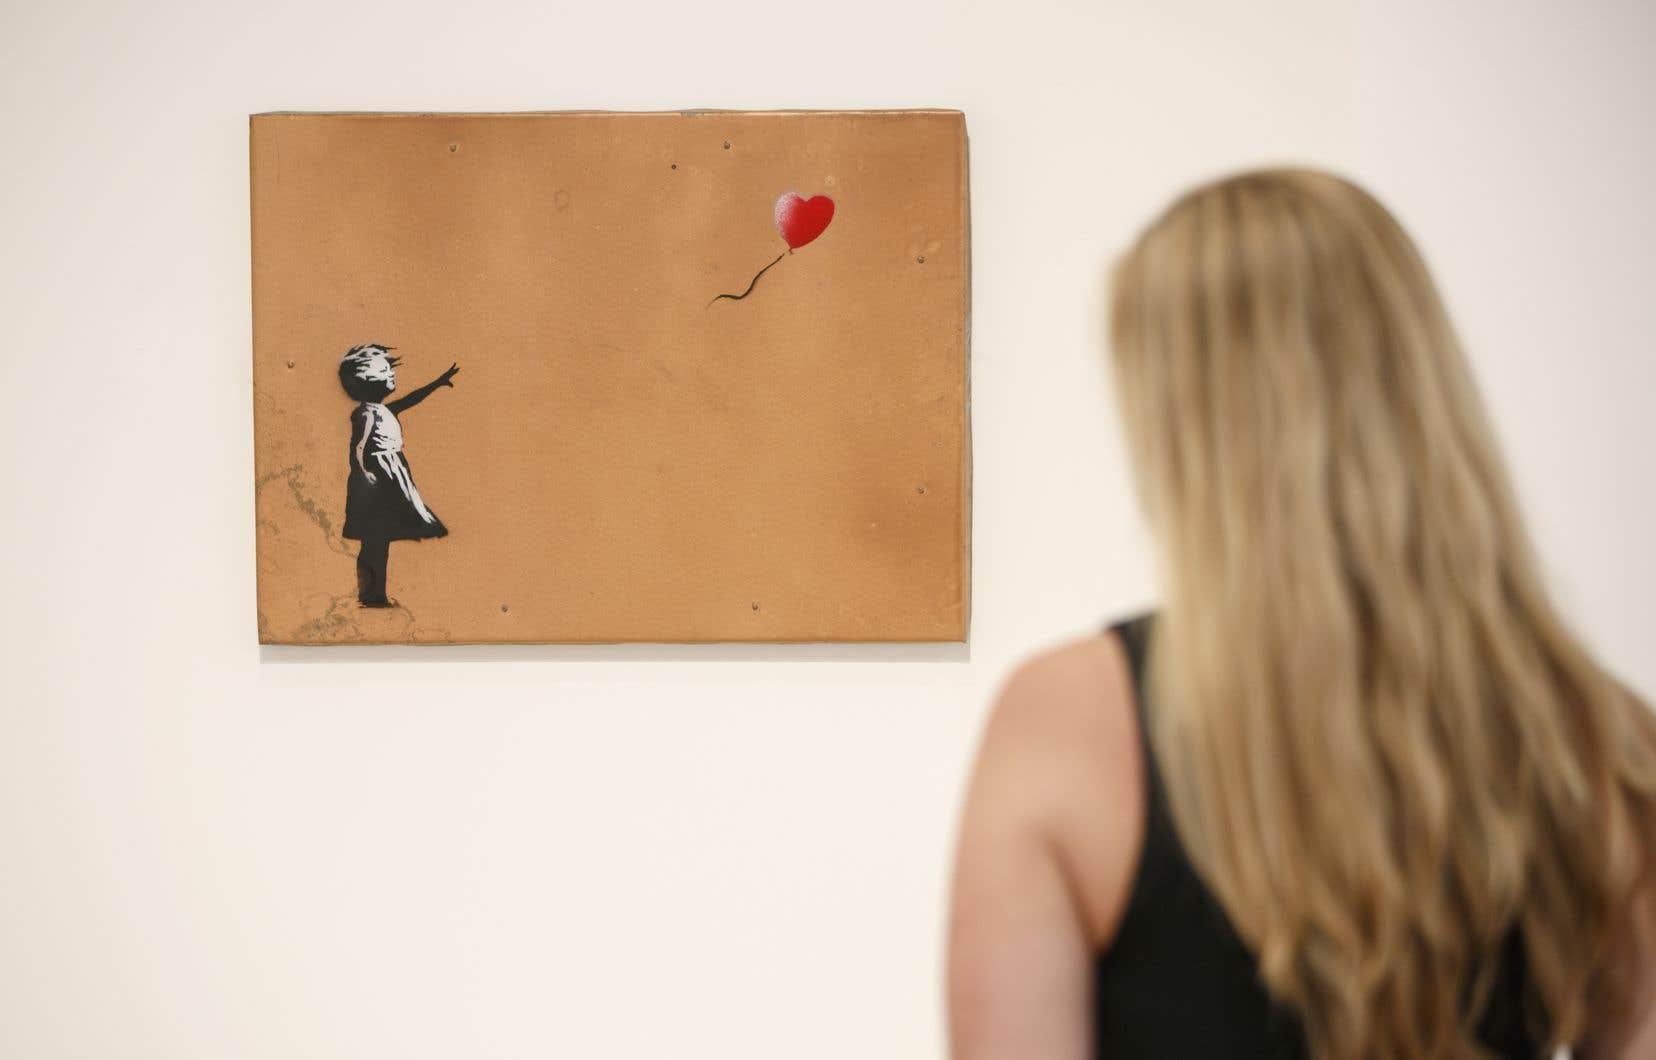 L'oeuvre de Banksy «Girl with Balloon» exposée à la Lazinc Gallery de Londres le 11 juillet 2018